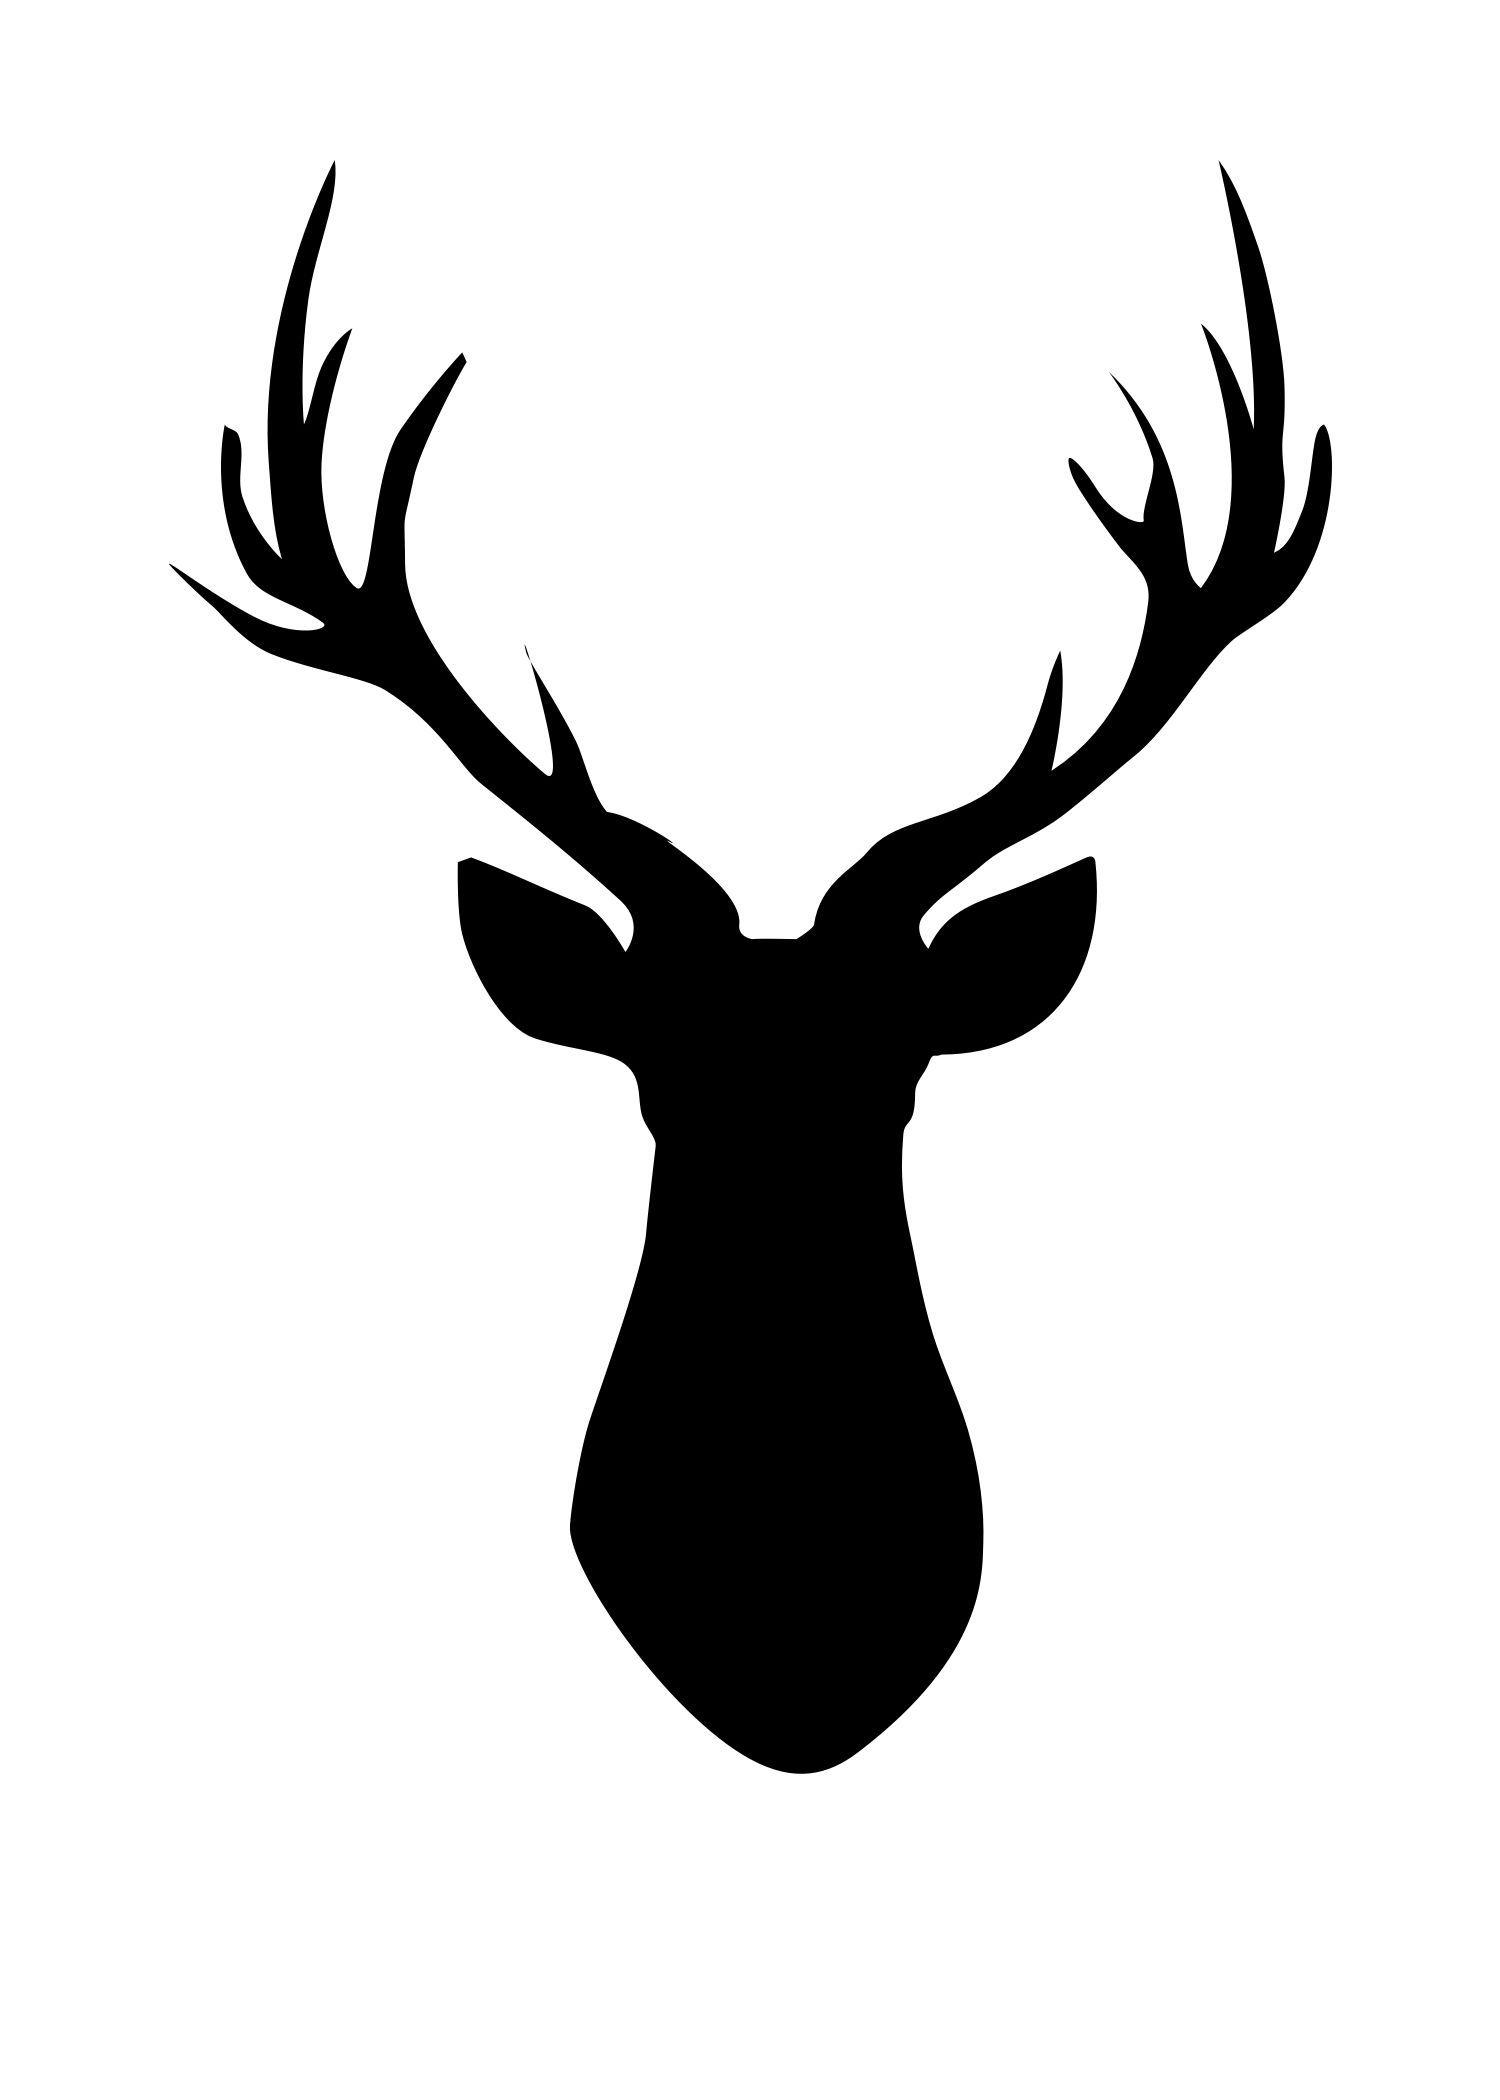 Deer Silhouette Quilt Hirsch Gemalde Rentiere